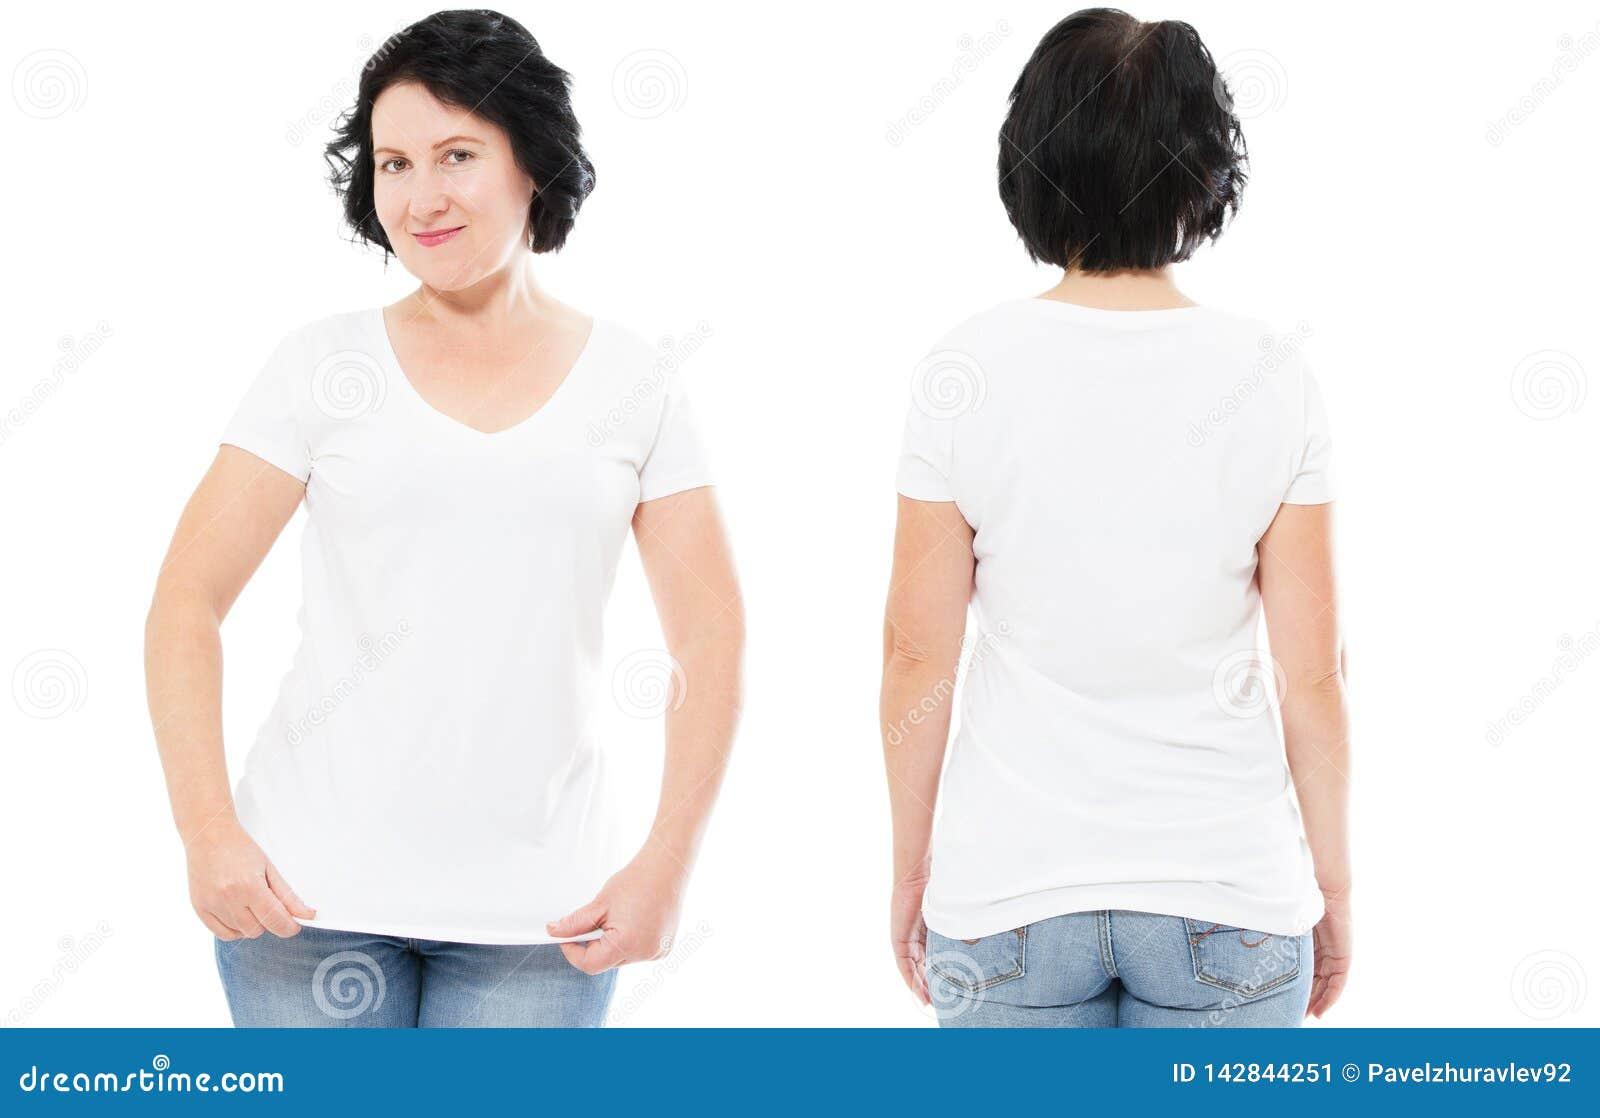 Άσπρο σύνολο μπλουζών, γυναίκα στην μπλούζα ύφους που απομονώνεται στο άσπρο υπόβαθρο, χλεύη μπλουζών επάνω, κενό πουκάμισο